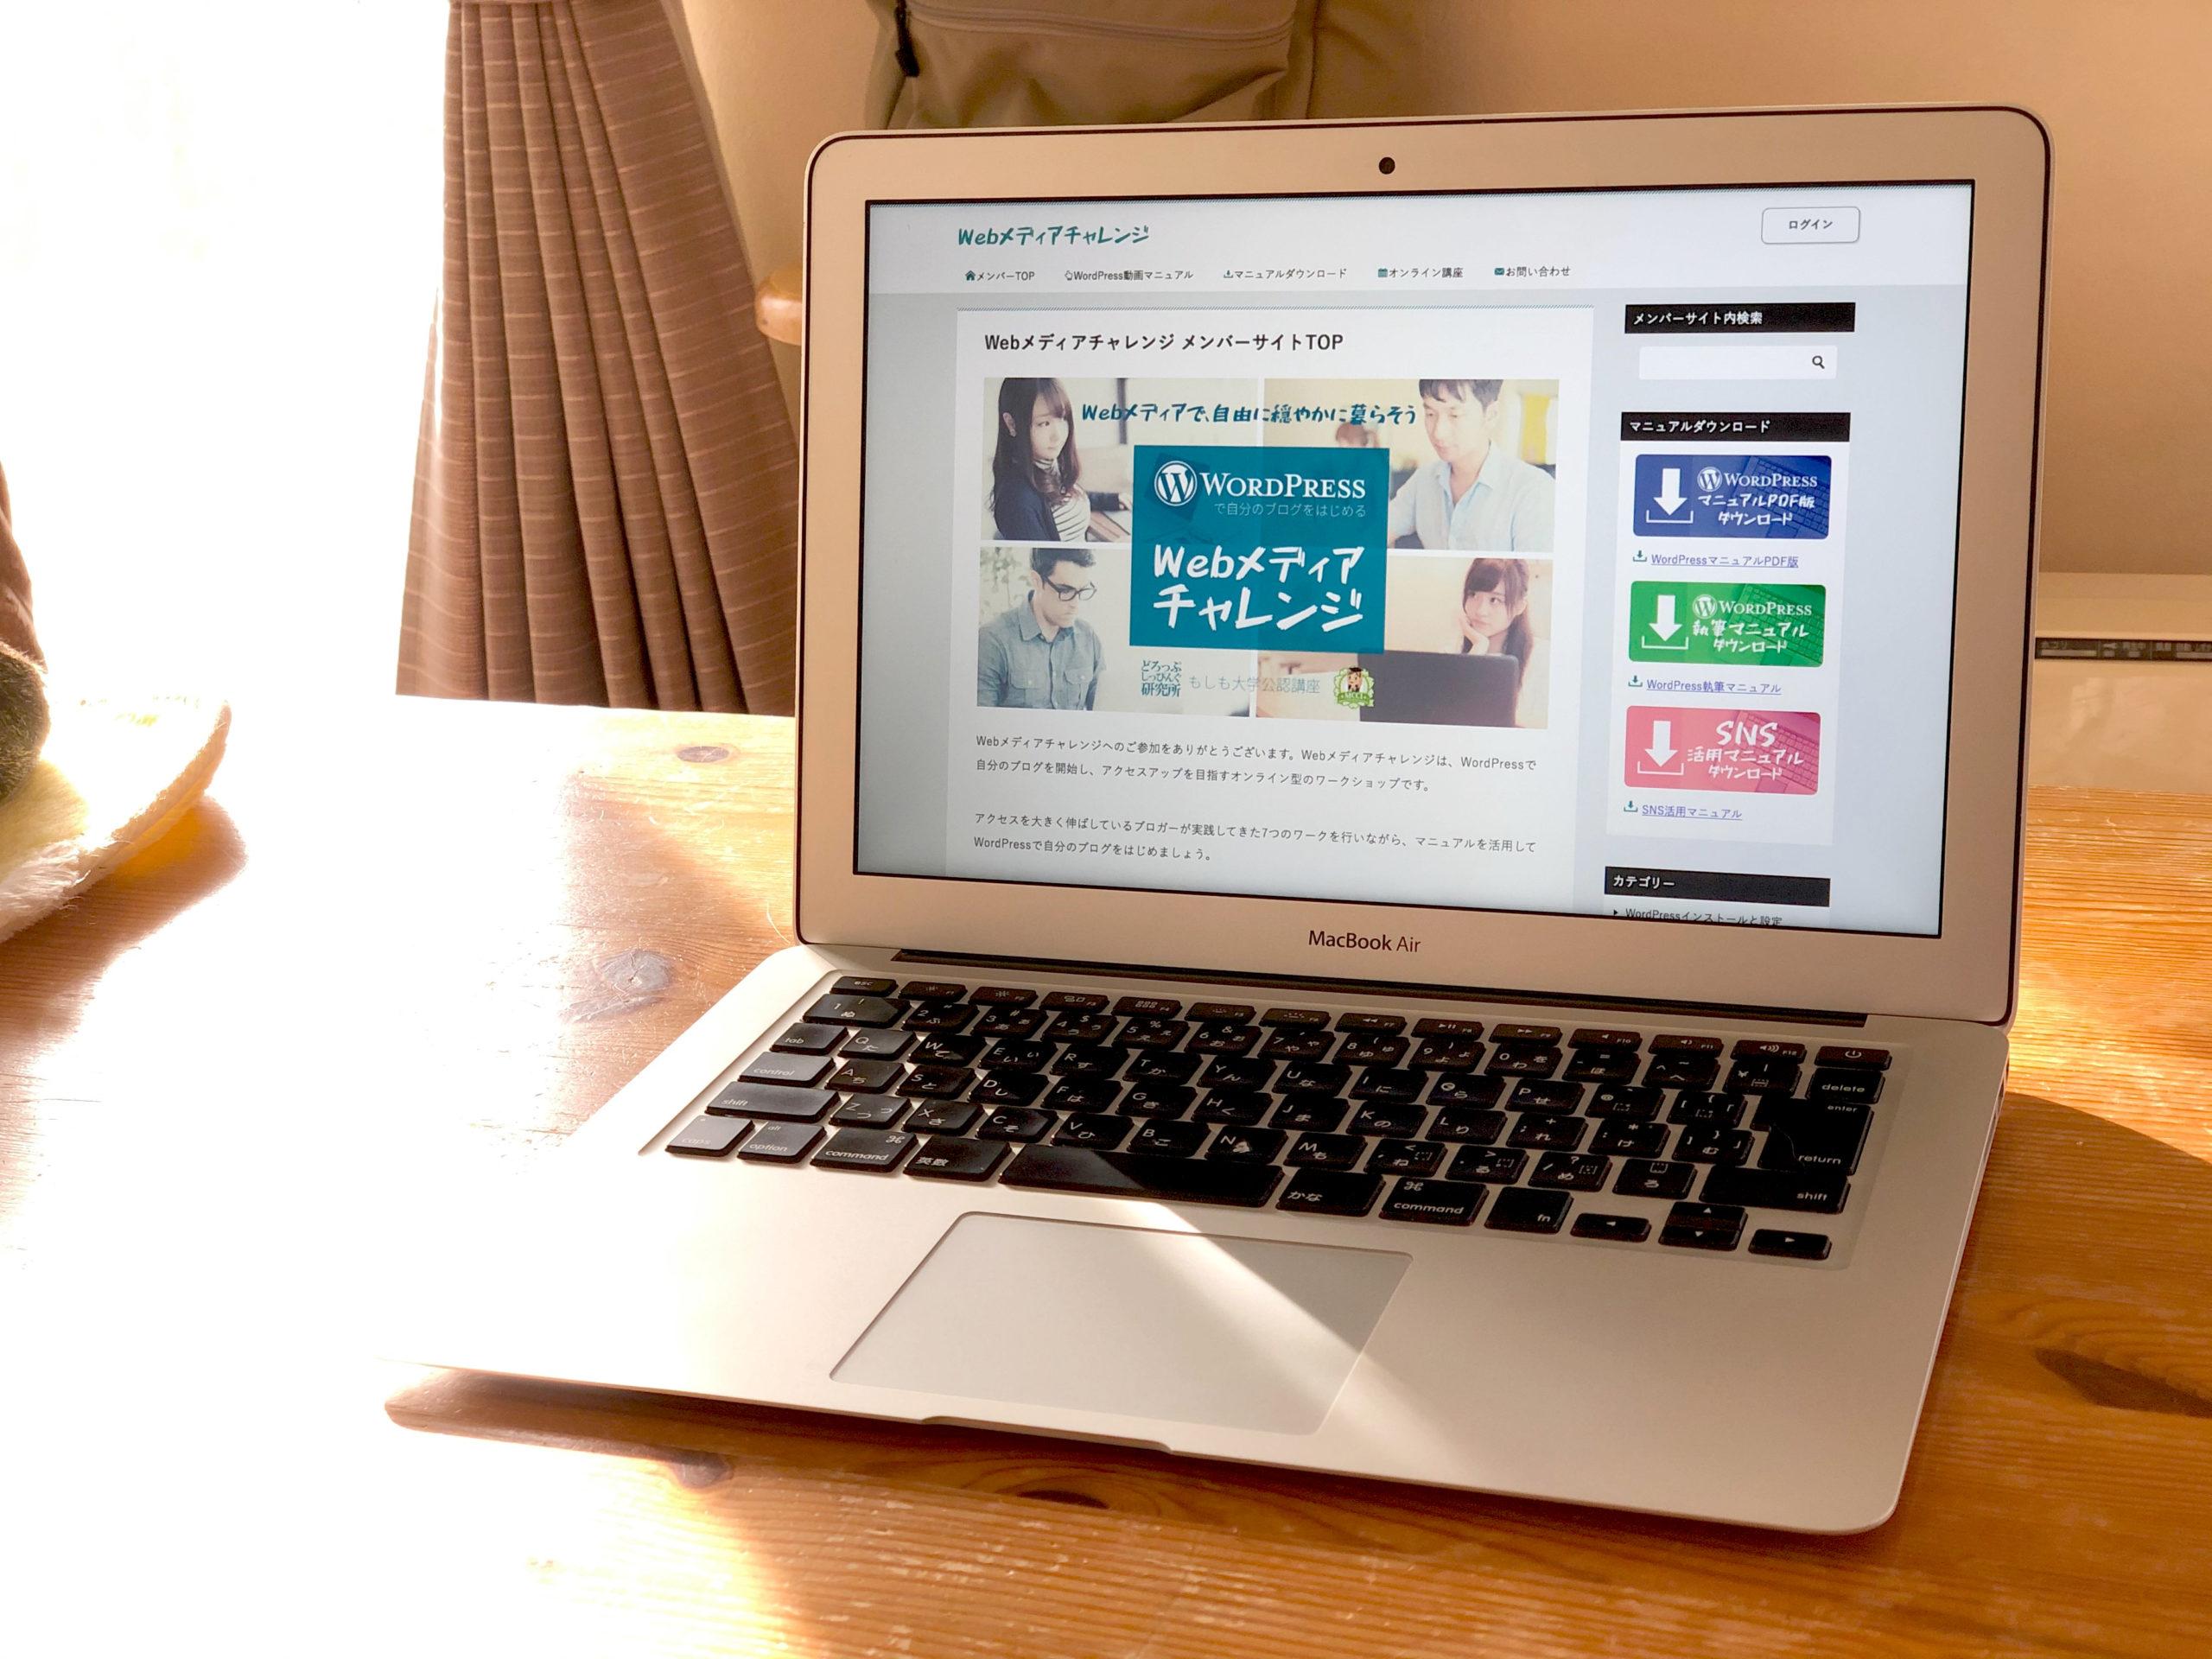 Webメディアチャレンジ メンバーズサイト